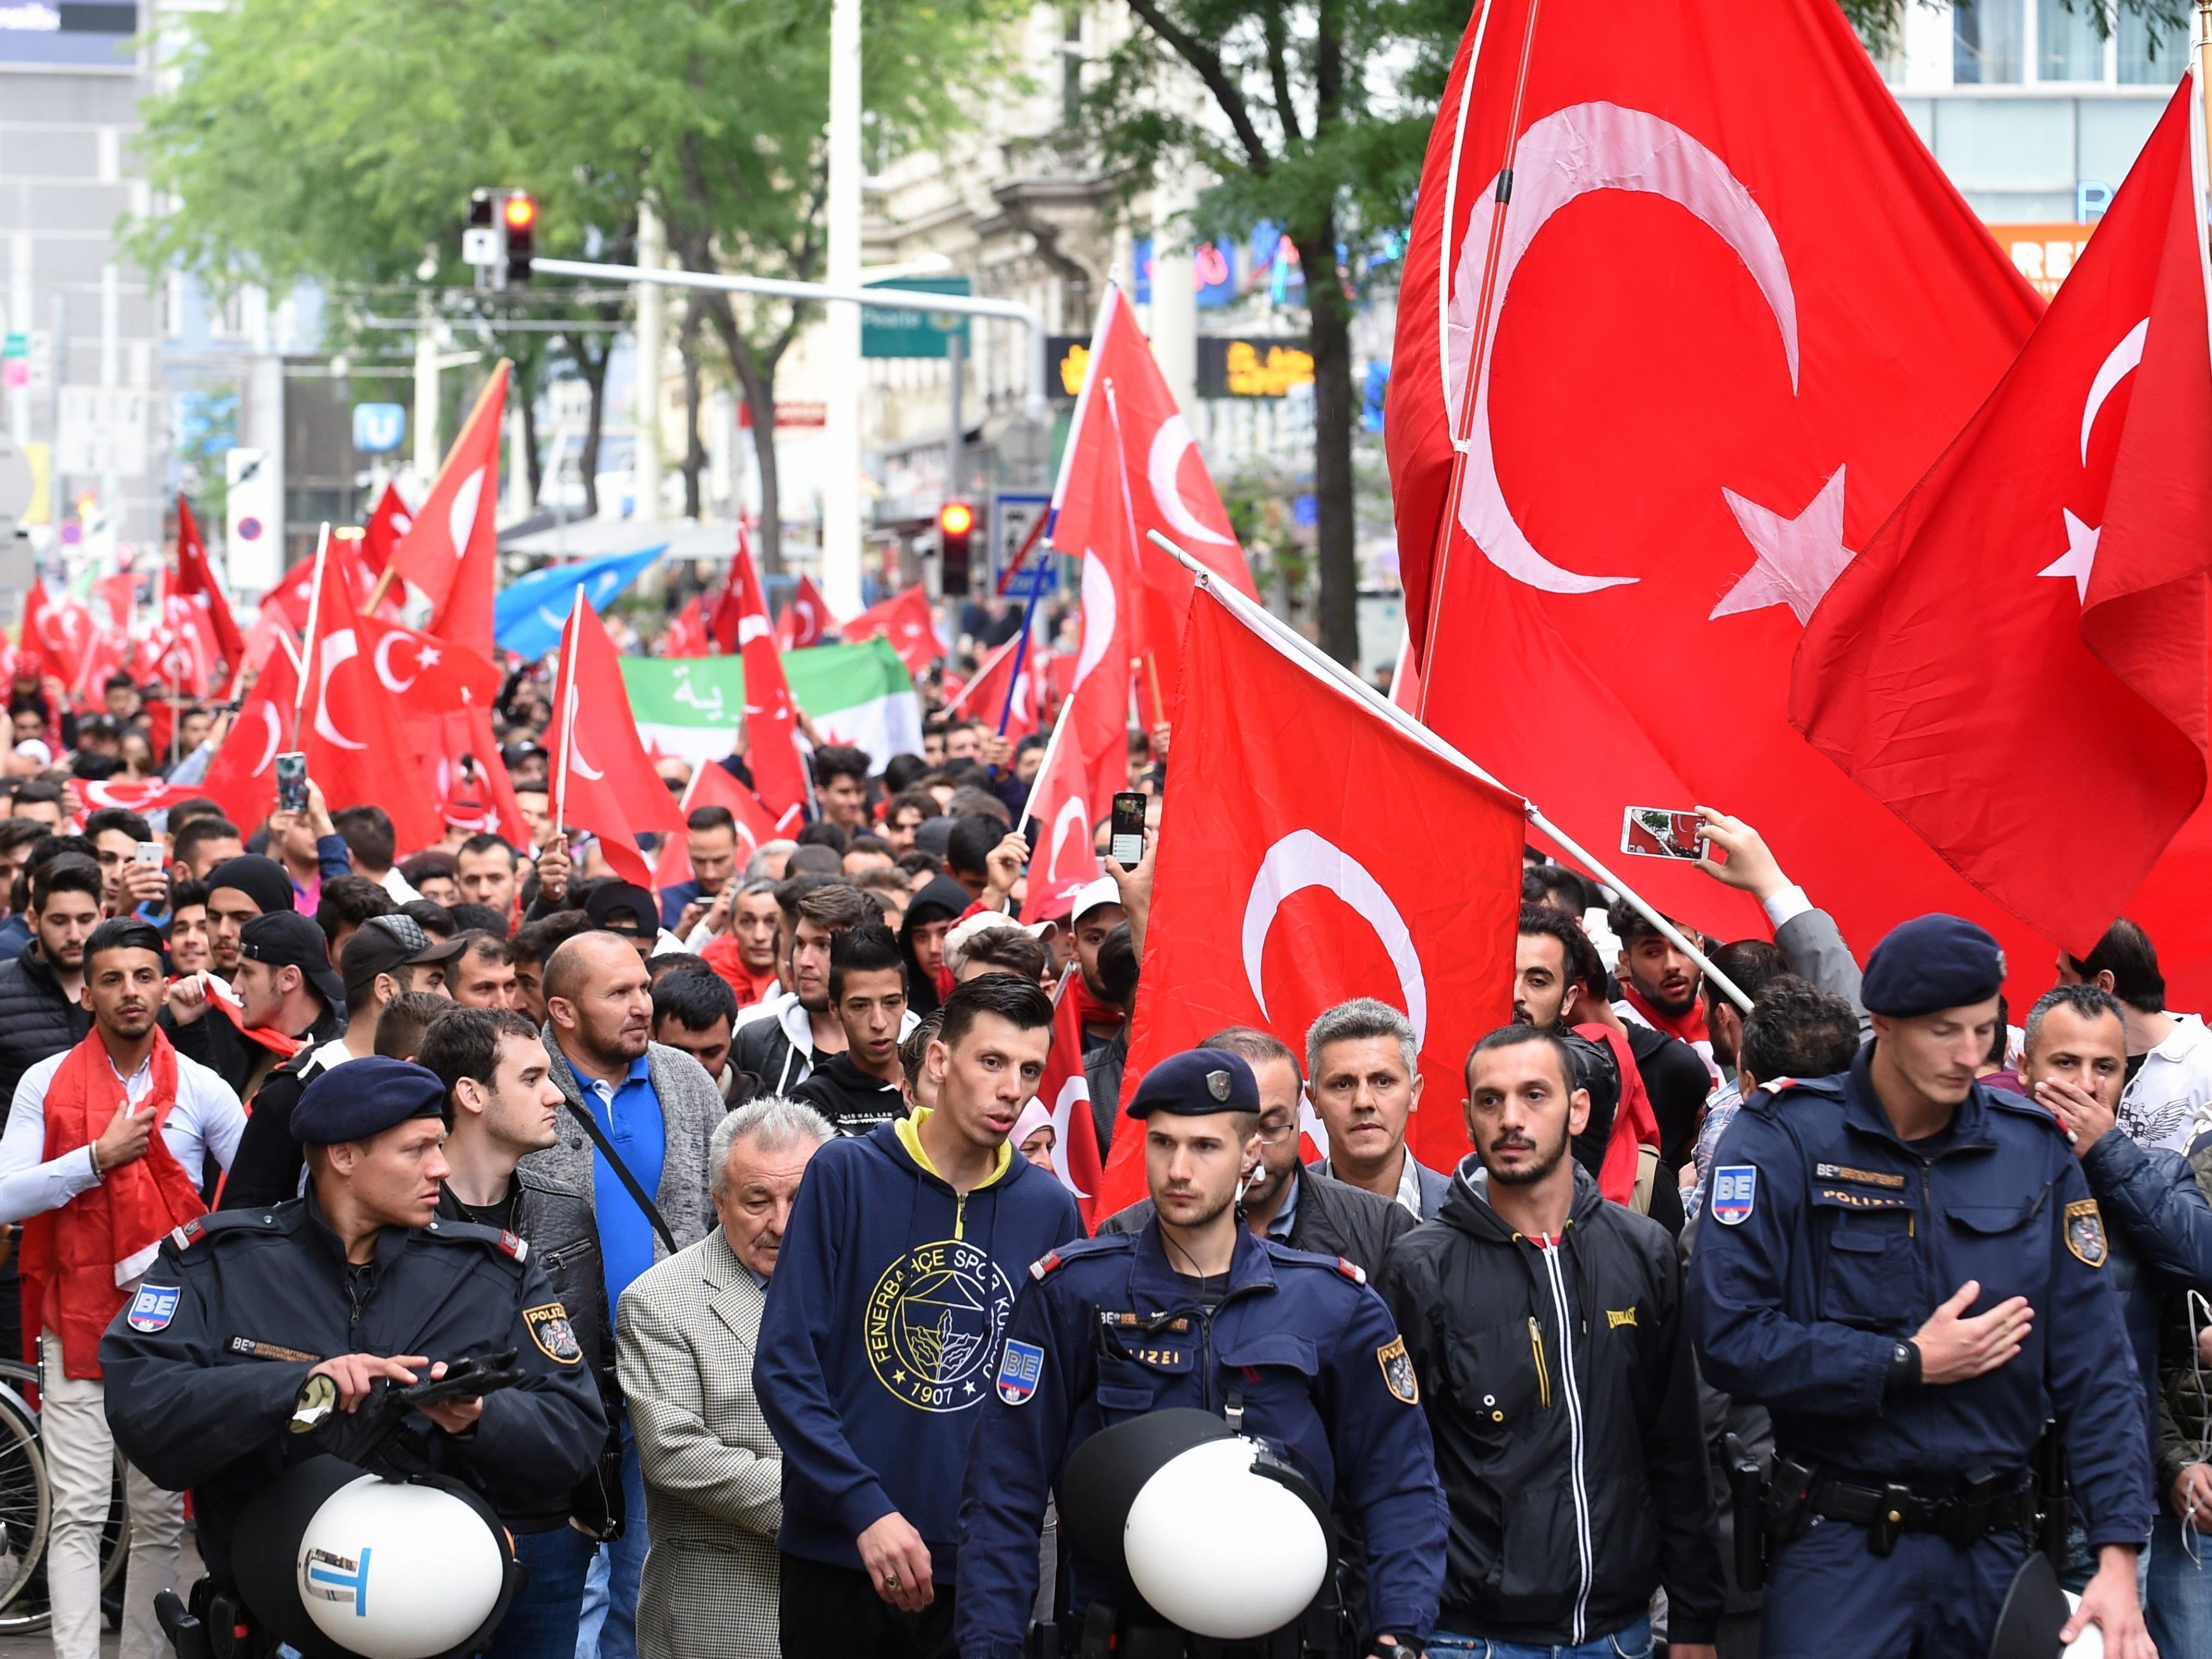 Eine zweite Demonstration zog aufgrund der Vorfälle in der Türkei durch die Wiener Innenstadt